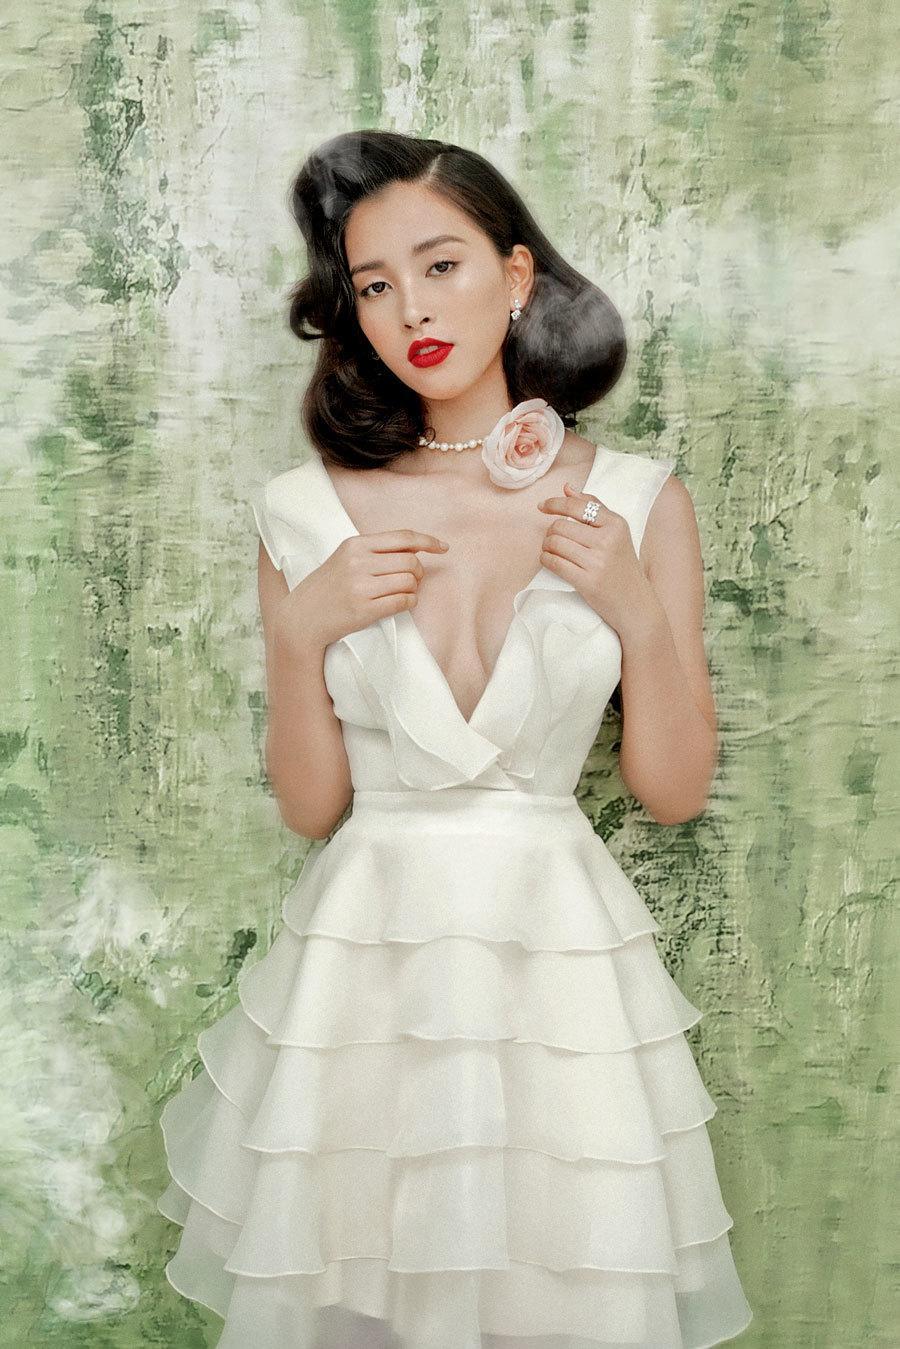 Hoa hậu Tiểu Vy lấp ló ngực đầy với đầm cắt xẻ Ảnh 8